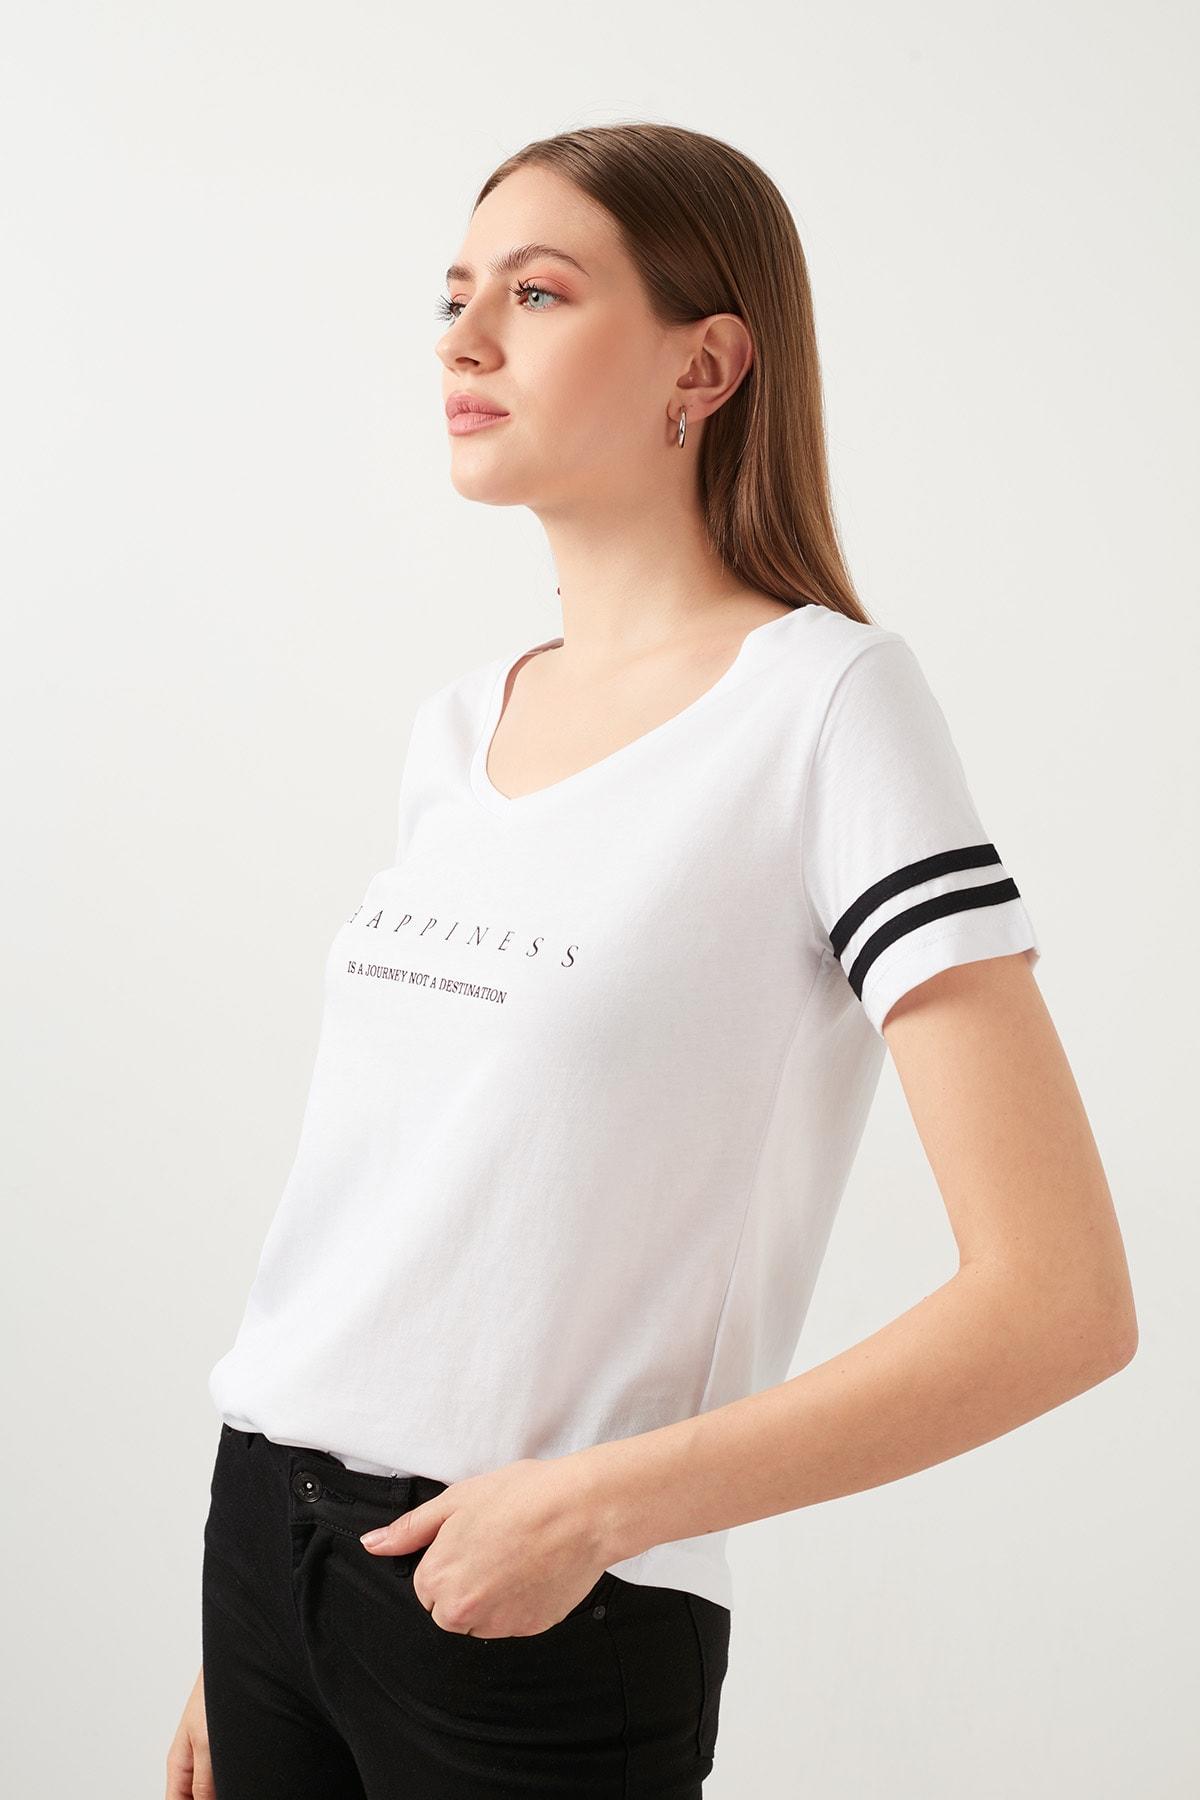 Lela Baskılı V Yaka T Shirt KADIN T SHİRT 5411037 1